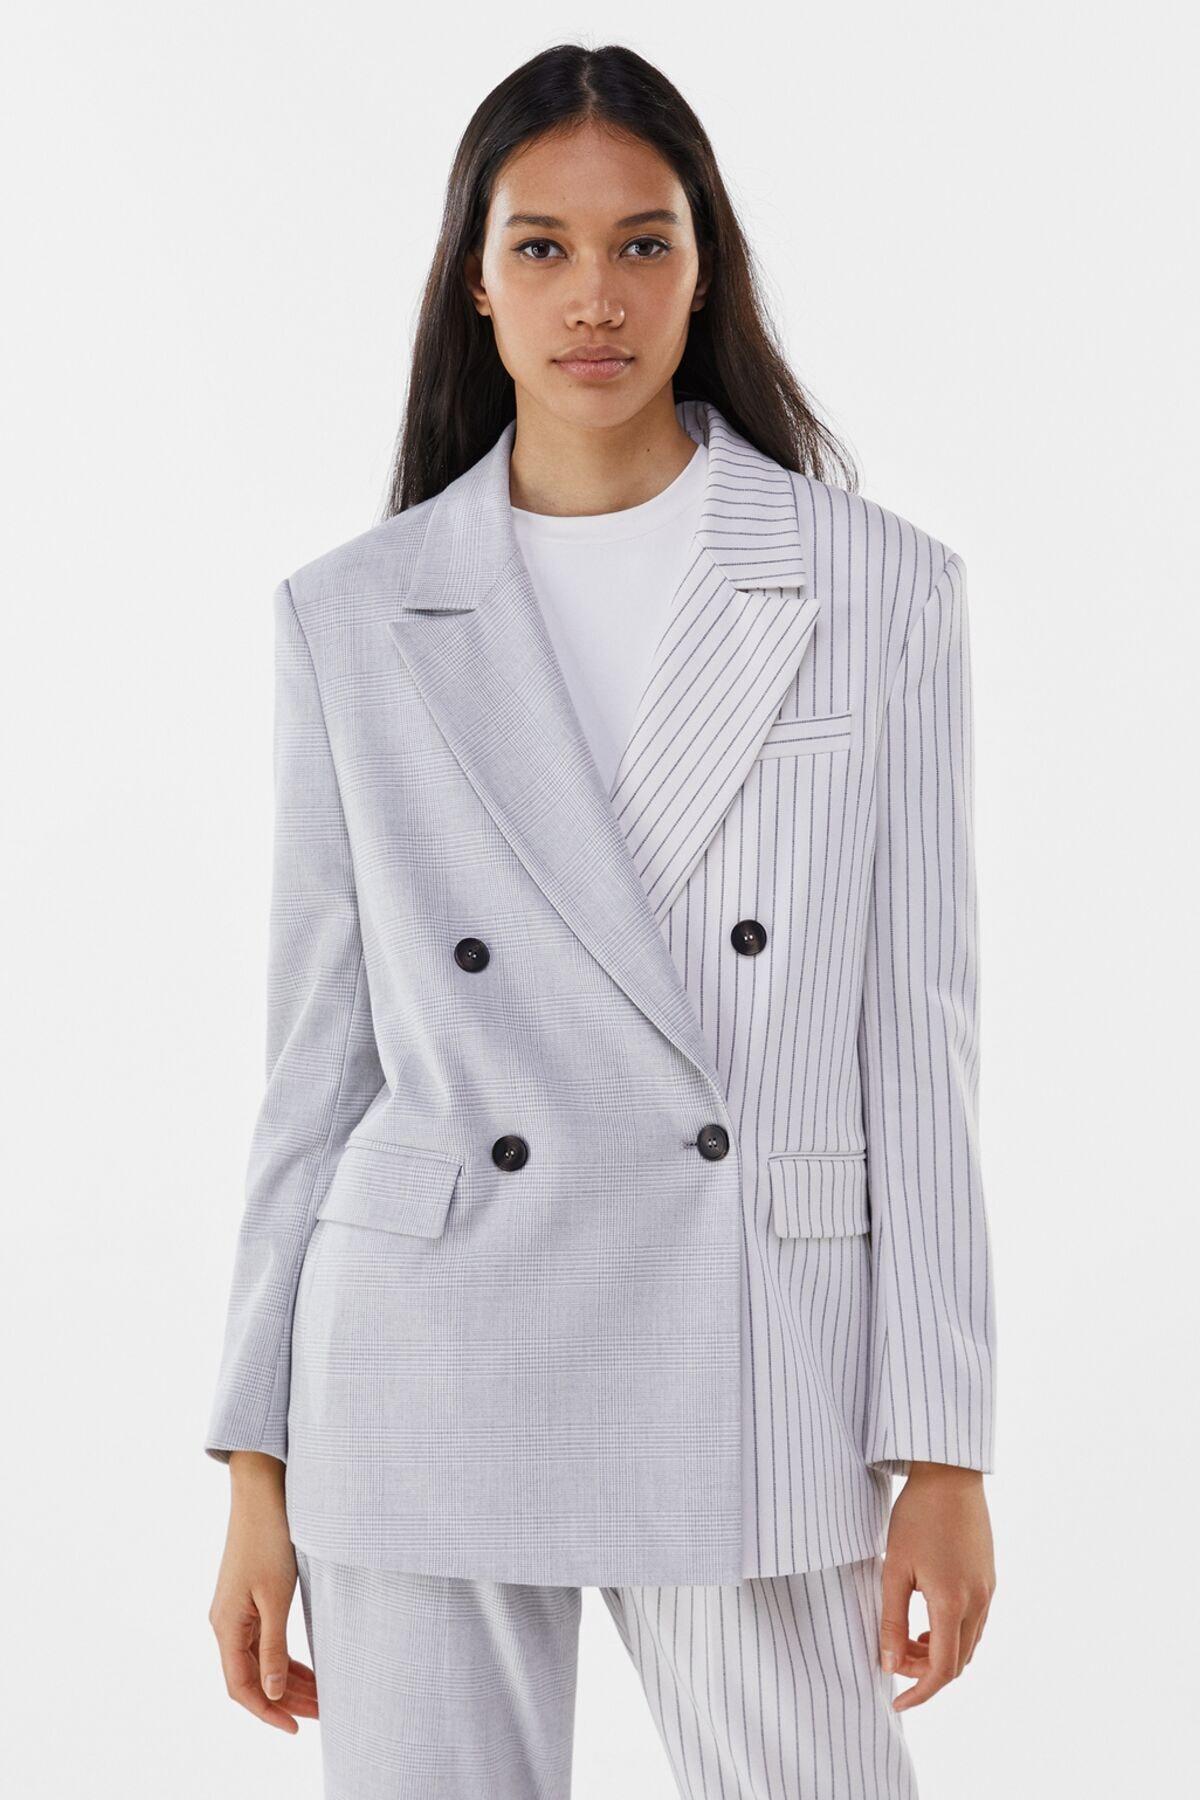 Bershka Kadın Gri Kontrast Klasik Kesim Blazer 01226168